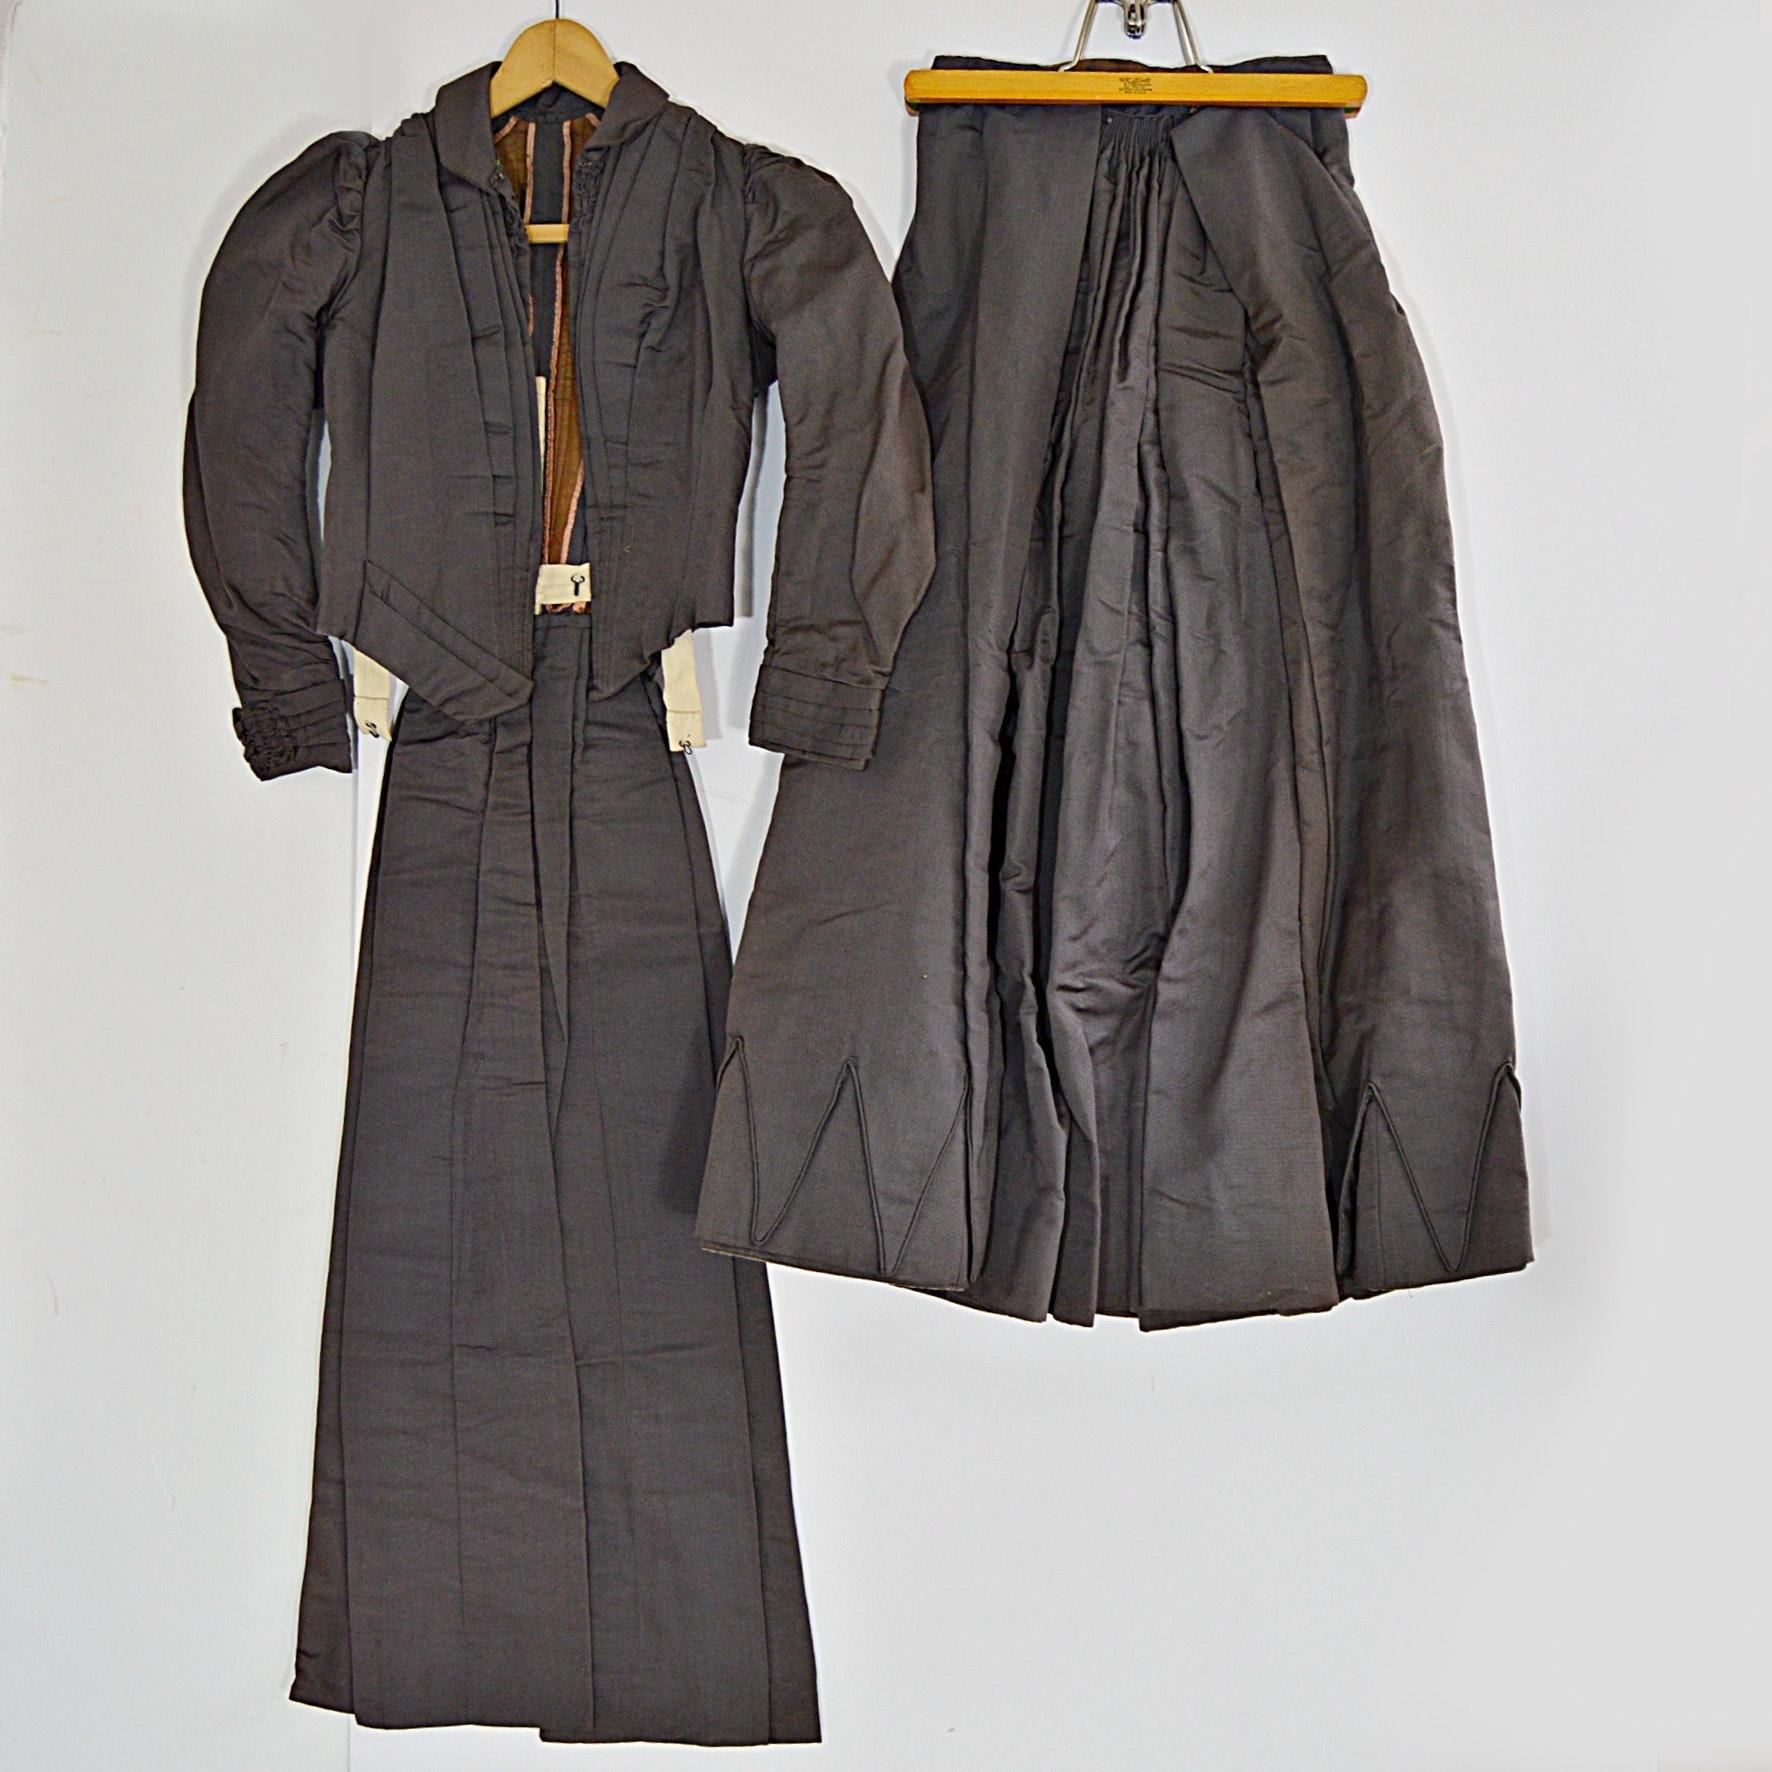 Mid 19th Century Ladies Wedding Suit